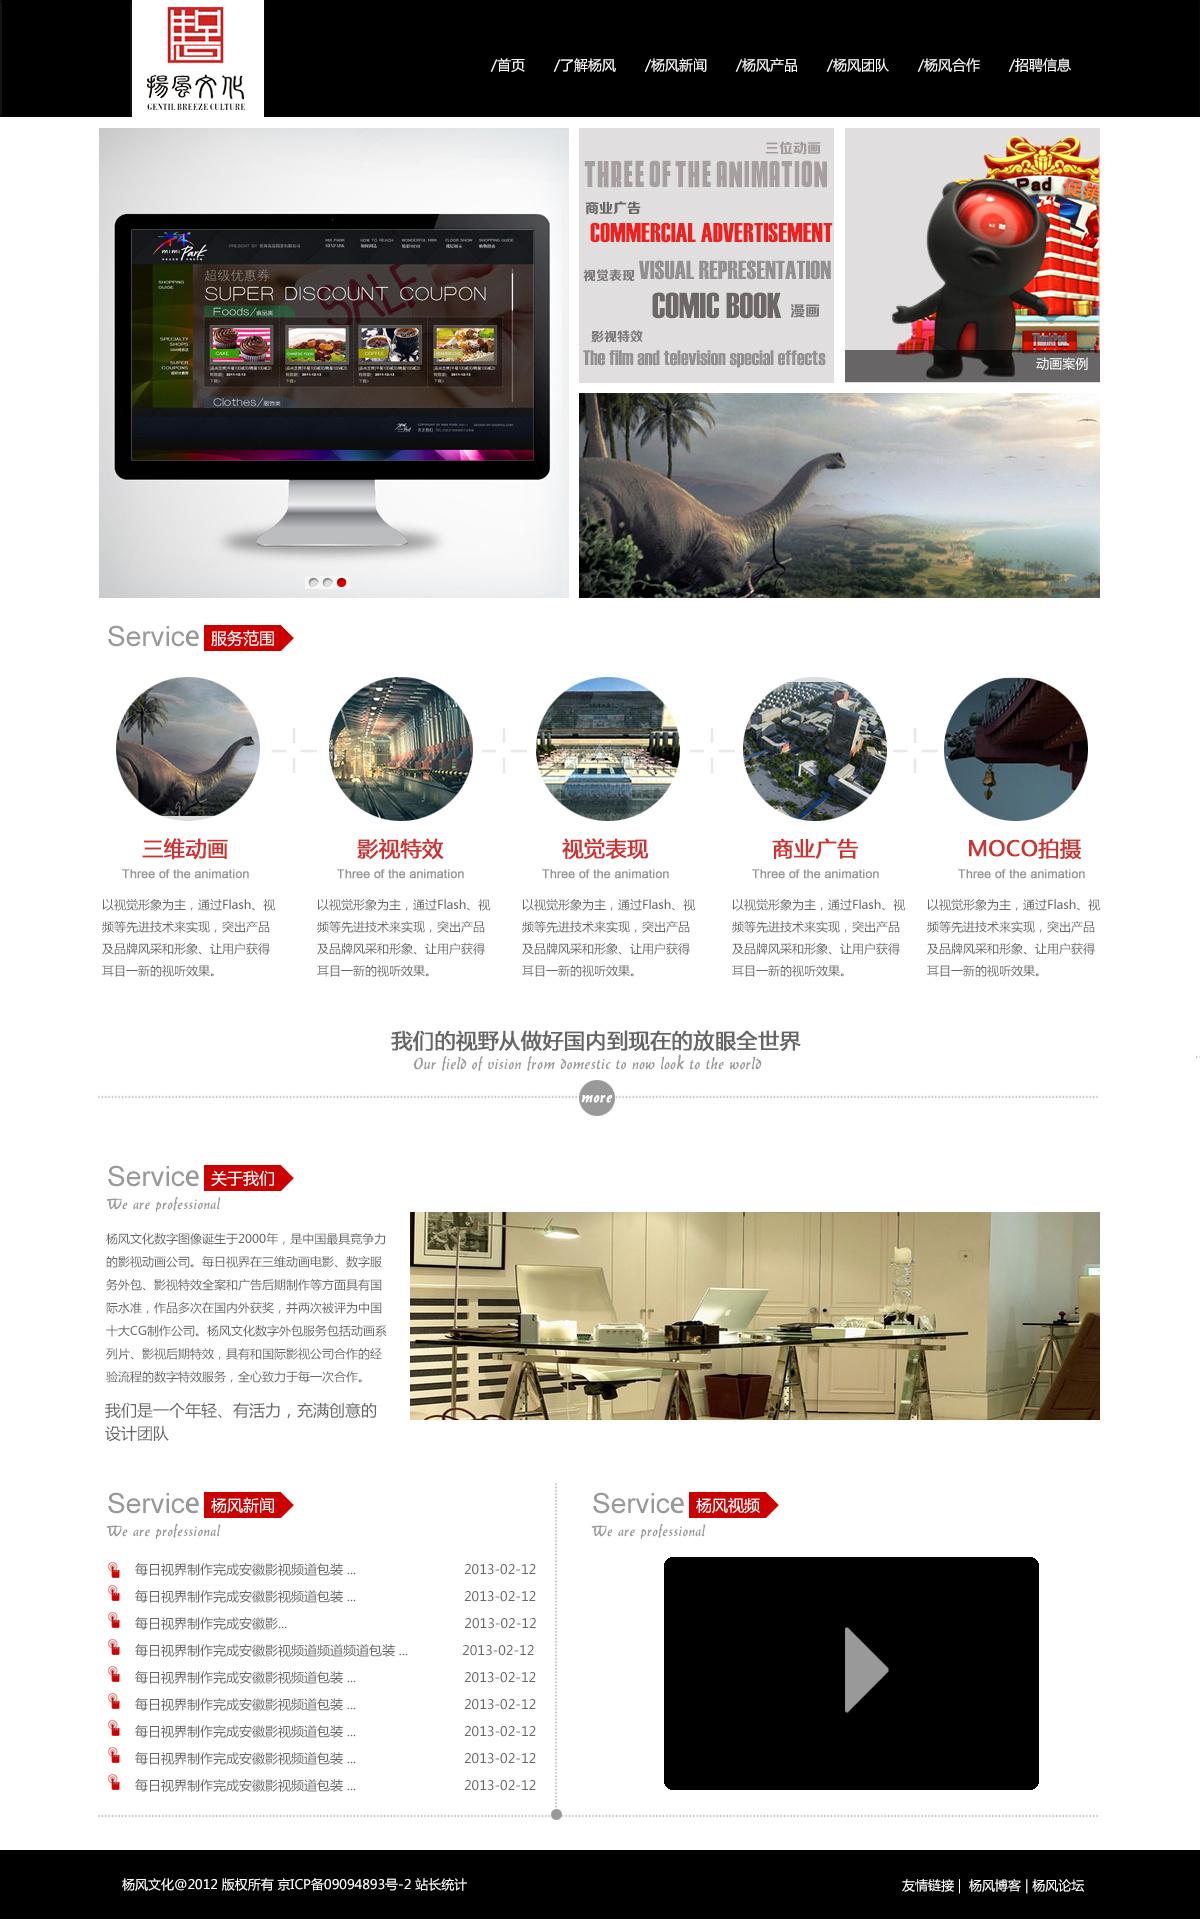 杨风佛寺 男孩 网页官网 天水文化-原创关于v佛寺的企业景观设计图片